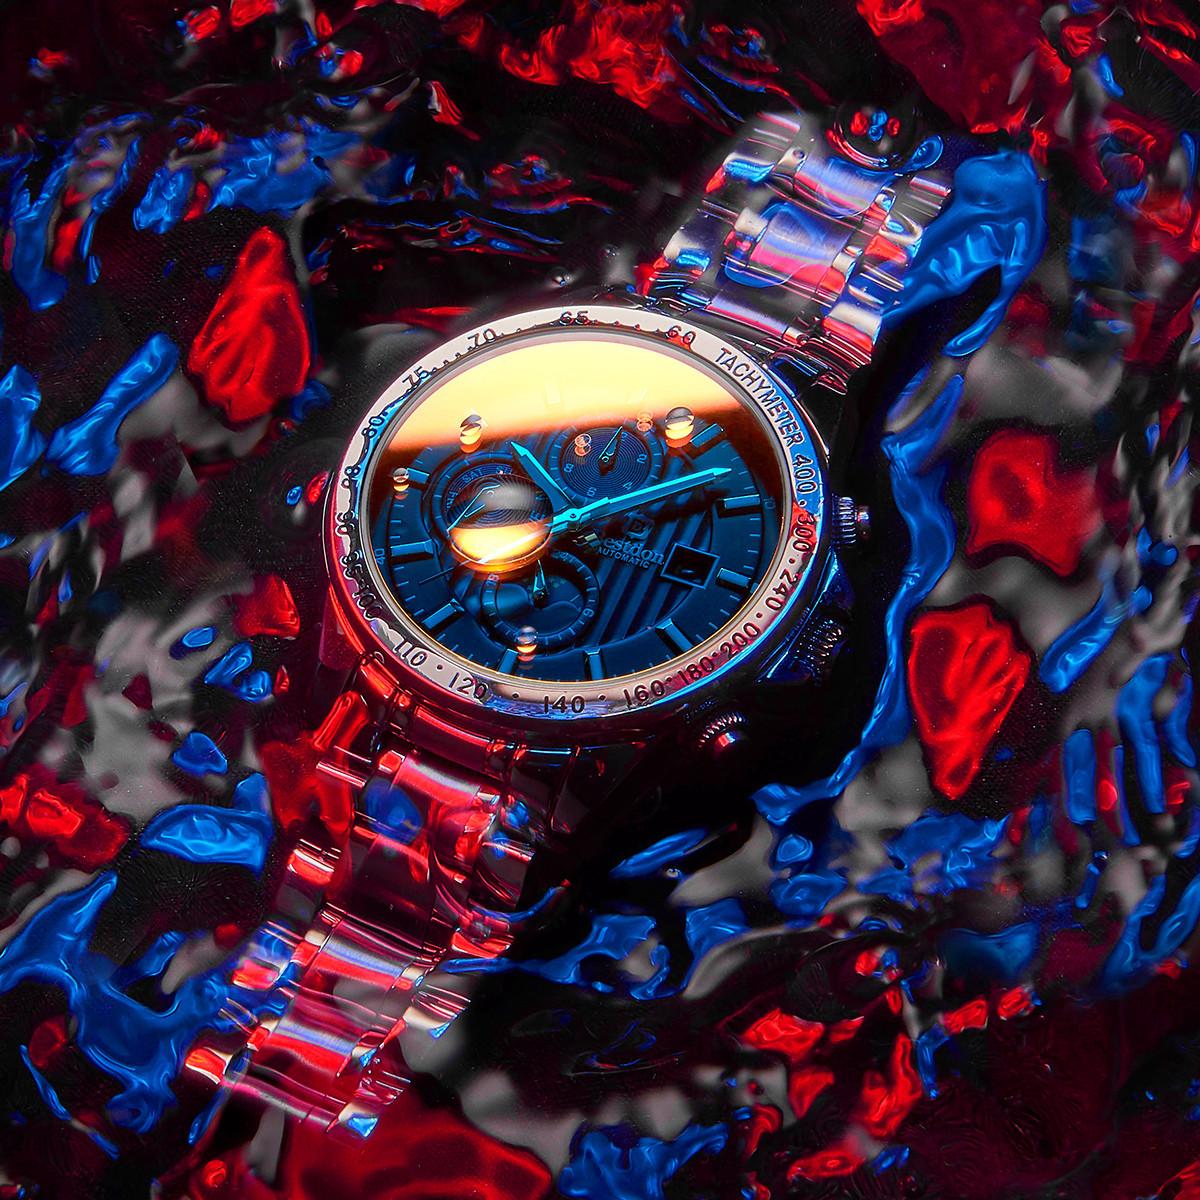 邦顿邦顿【畅销款】酷炫幻彩魅影多功能精钢表带机械男士手表BD76108G